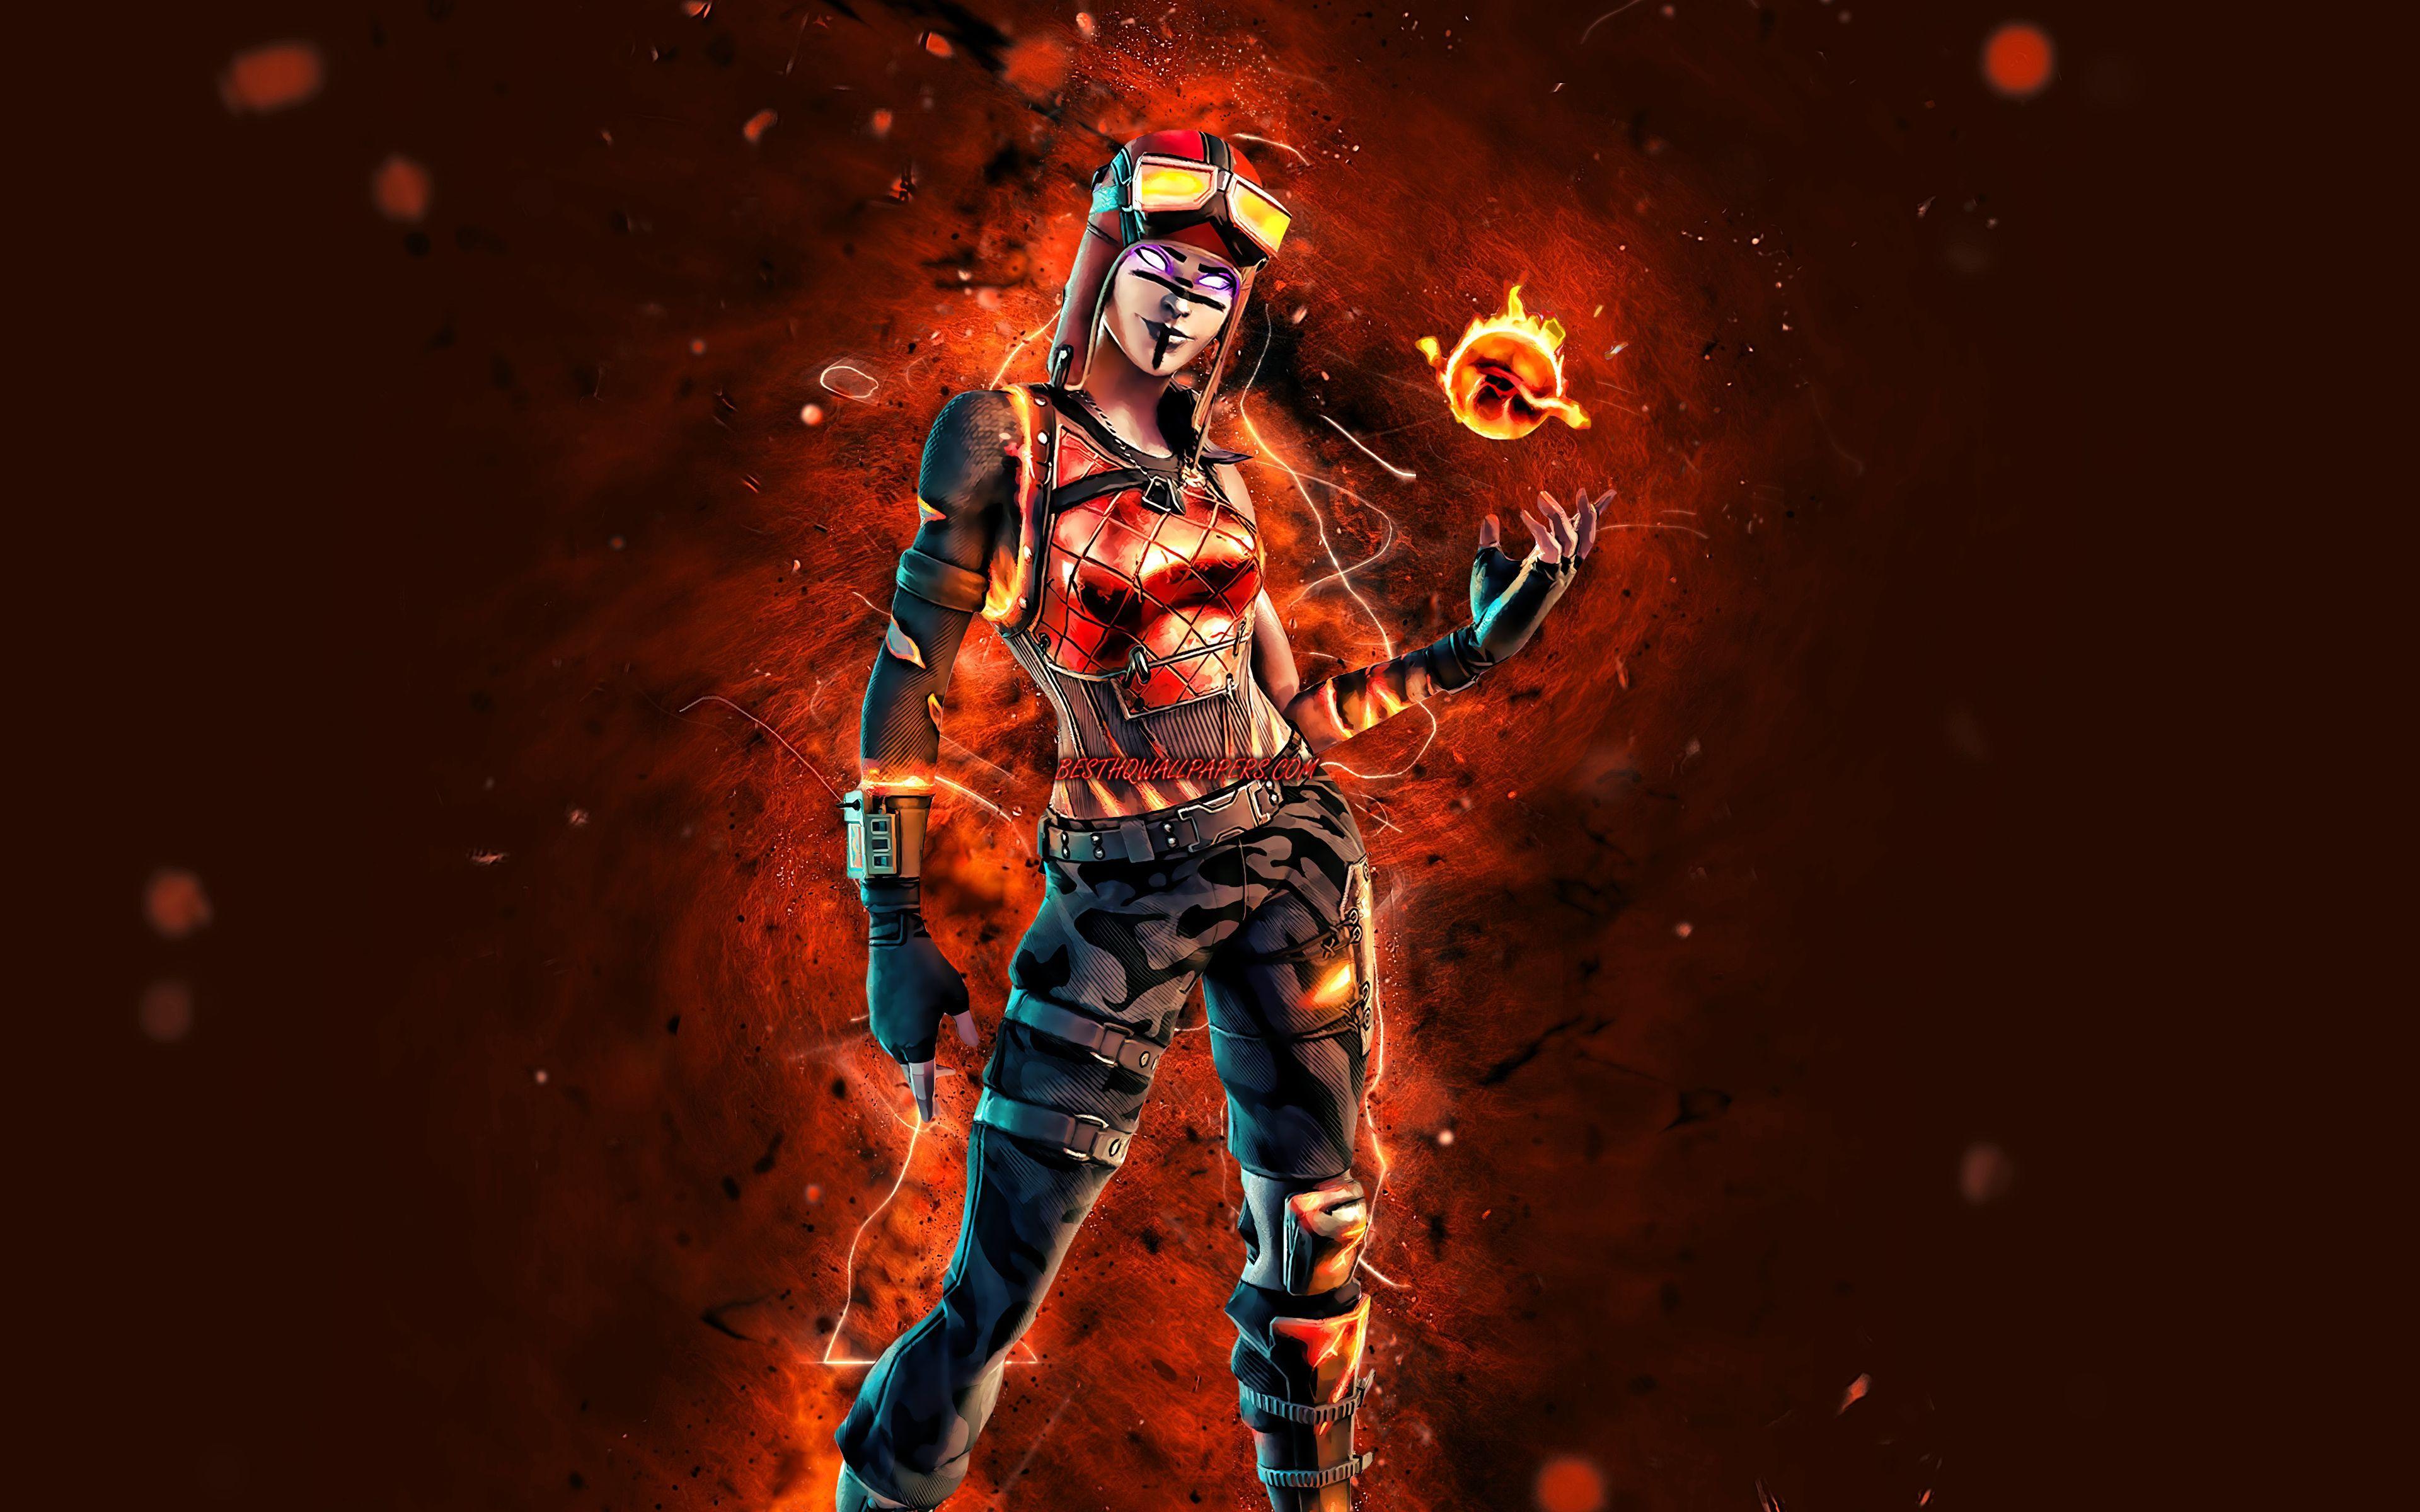 3840x2400 Tải xuống hình nền Blaze, 4k, đèn neon màu cam, trò chơi 2020, Fortnite Battle Royale, các nhân vật trong Fortnite, Blaze Skin, Fortnite, Blaze Fortnite cho máy tính để bàn với độ phân giải 3840x2400.  Hình nền hình ảnh HD chất lượng cao